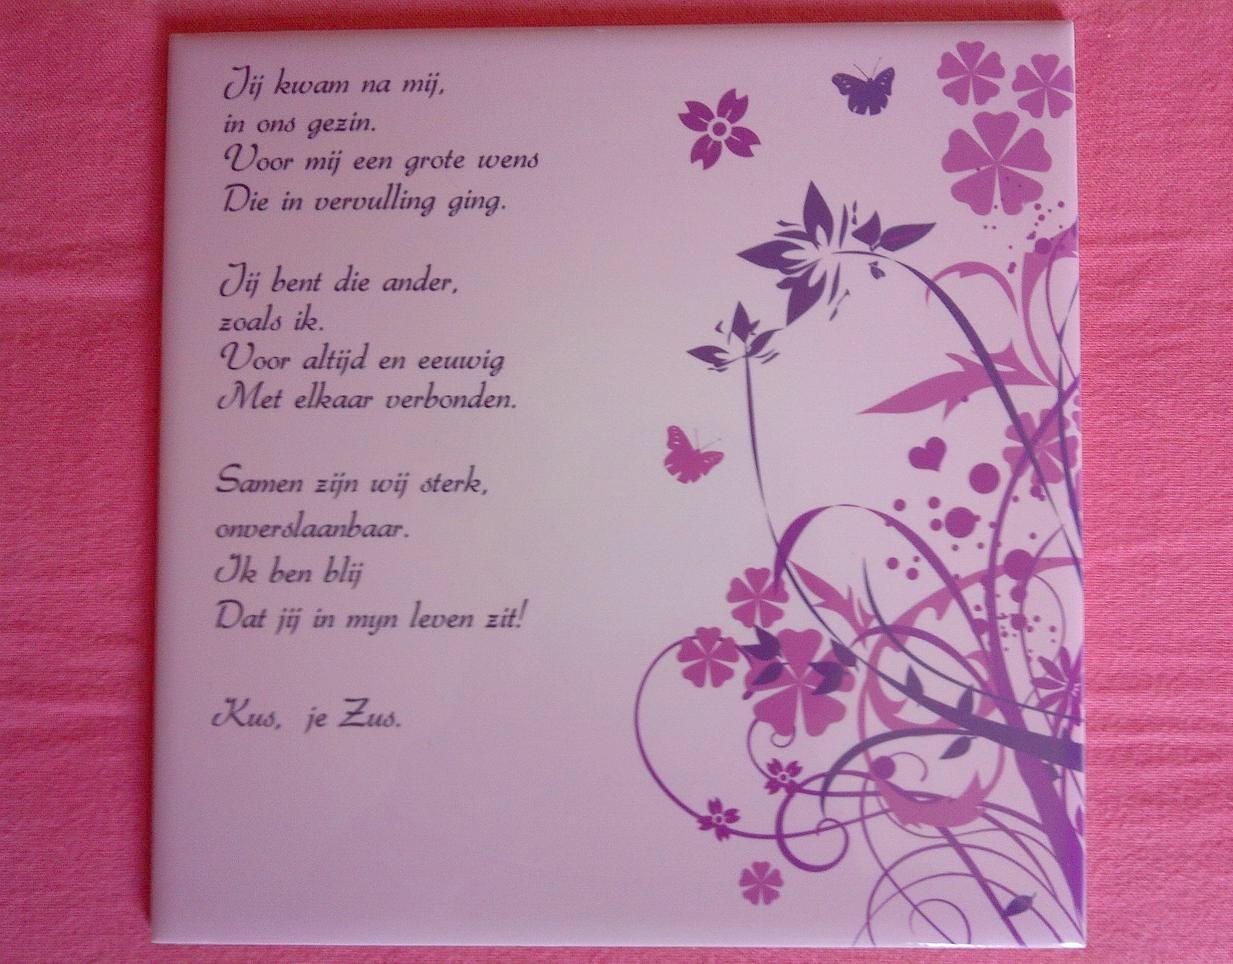 Verjaardag Gedicht Zus Dur 86 Wofosogo